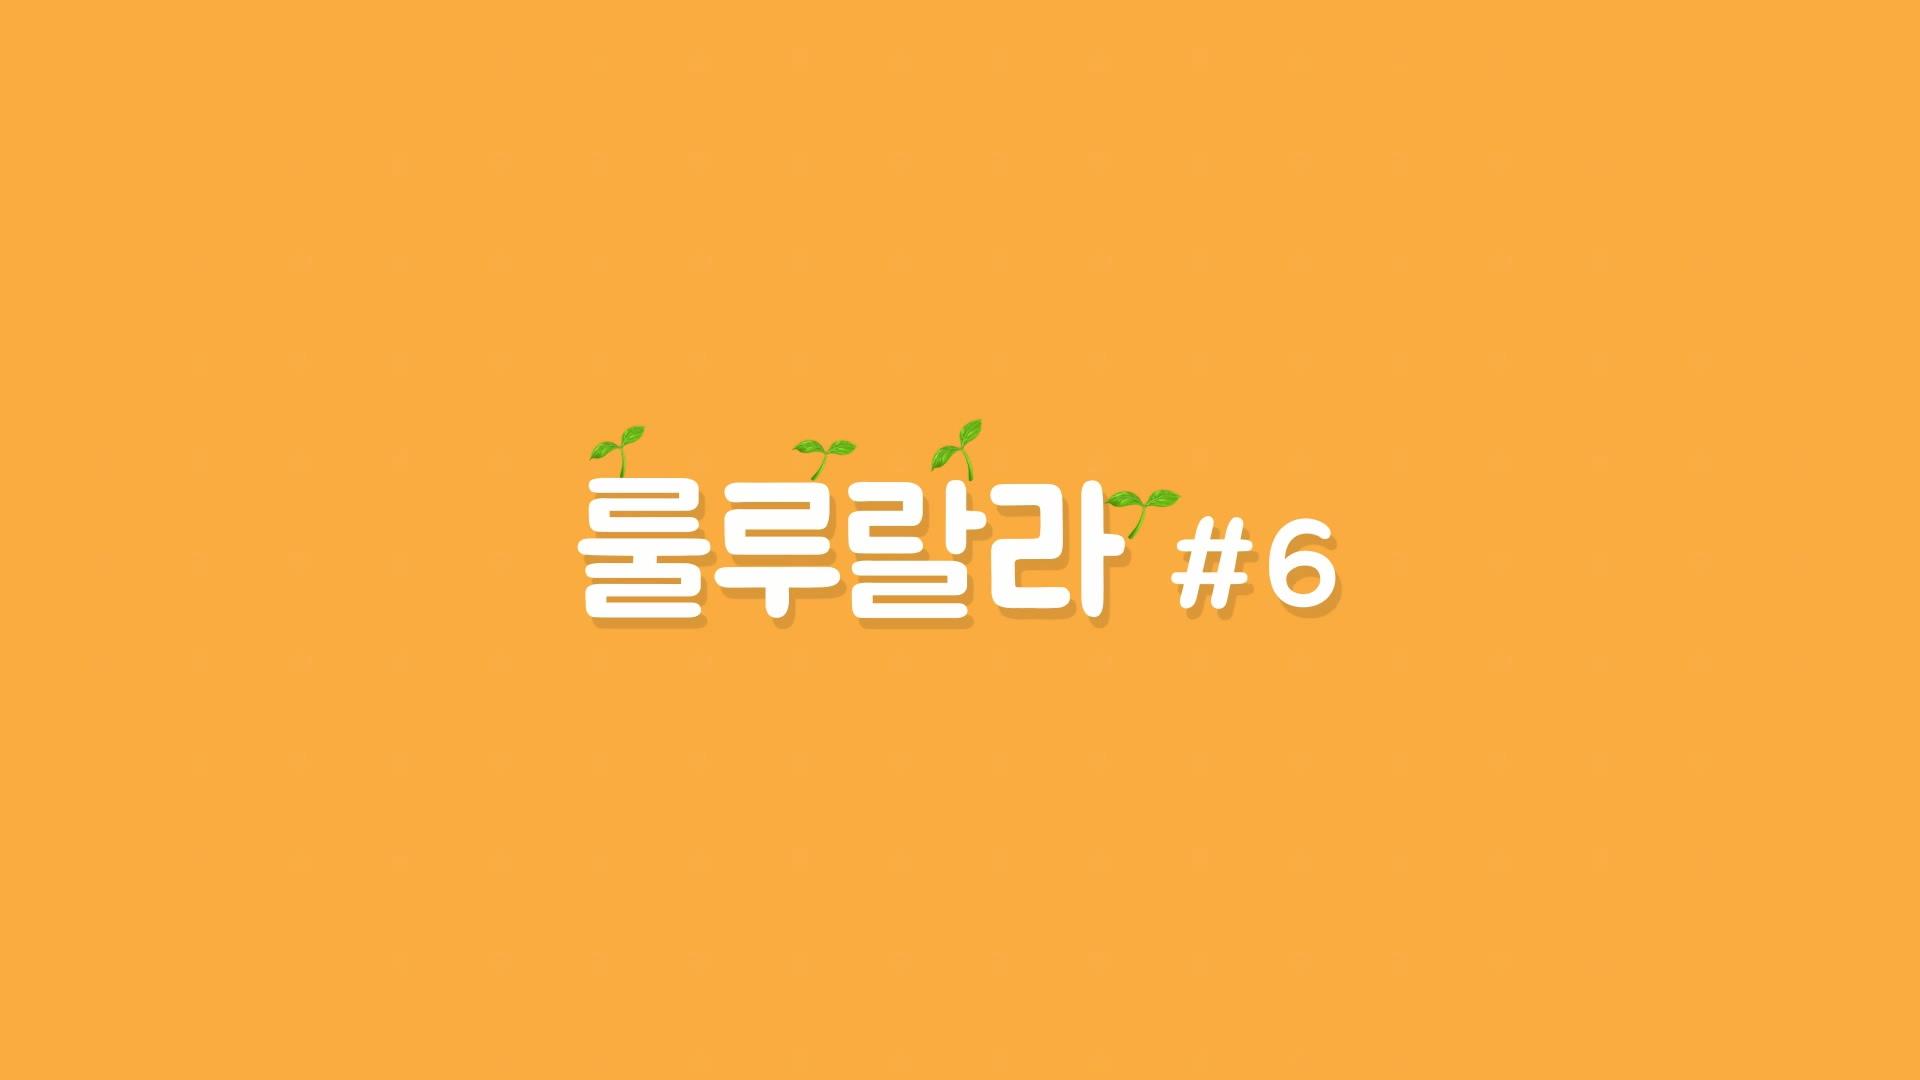 [YH생활일지] 새싹즈 룰루랄라 #6